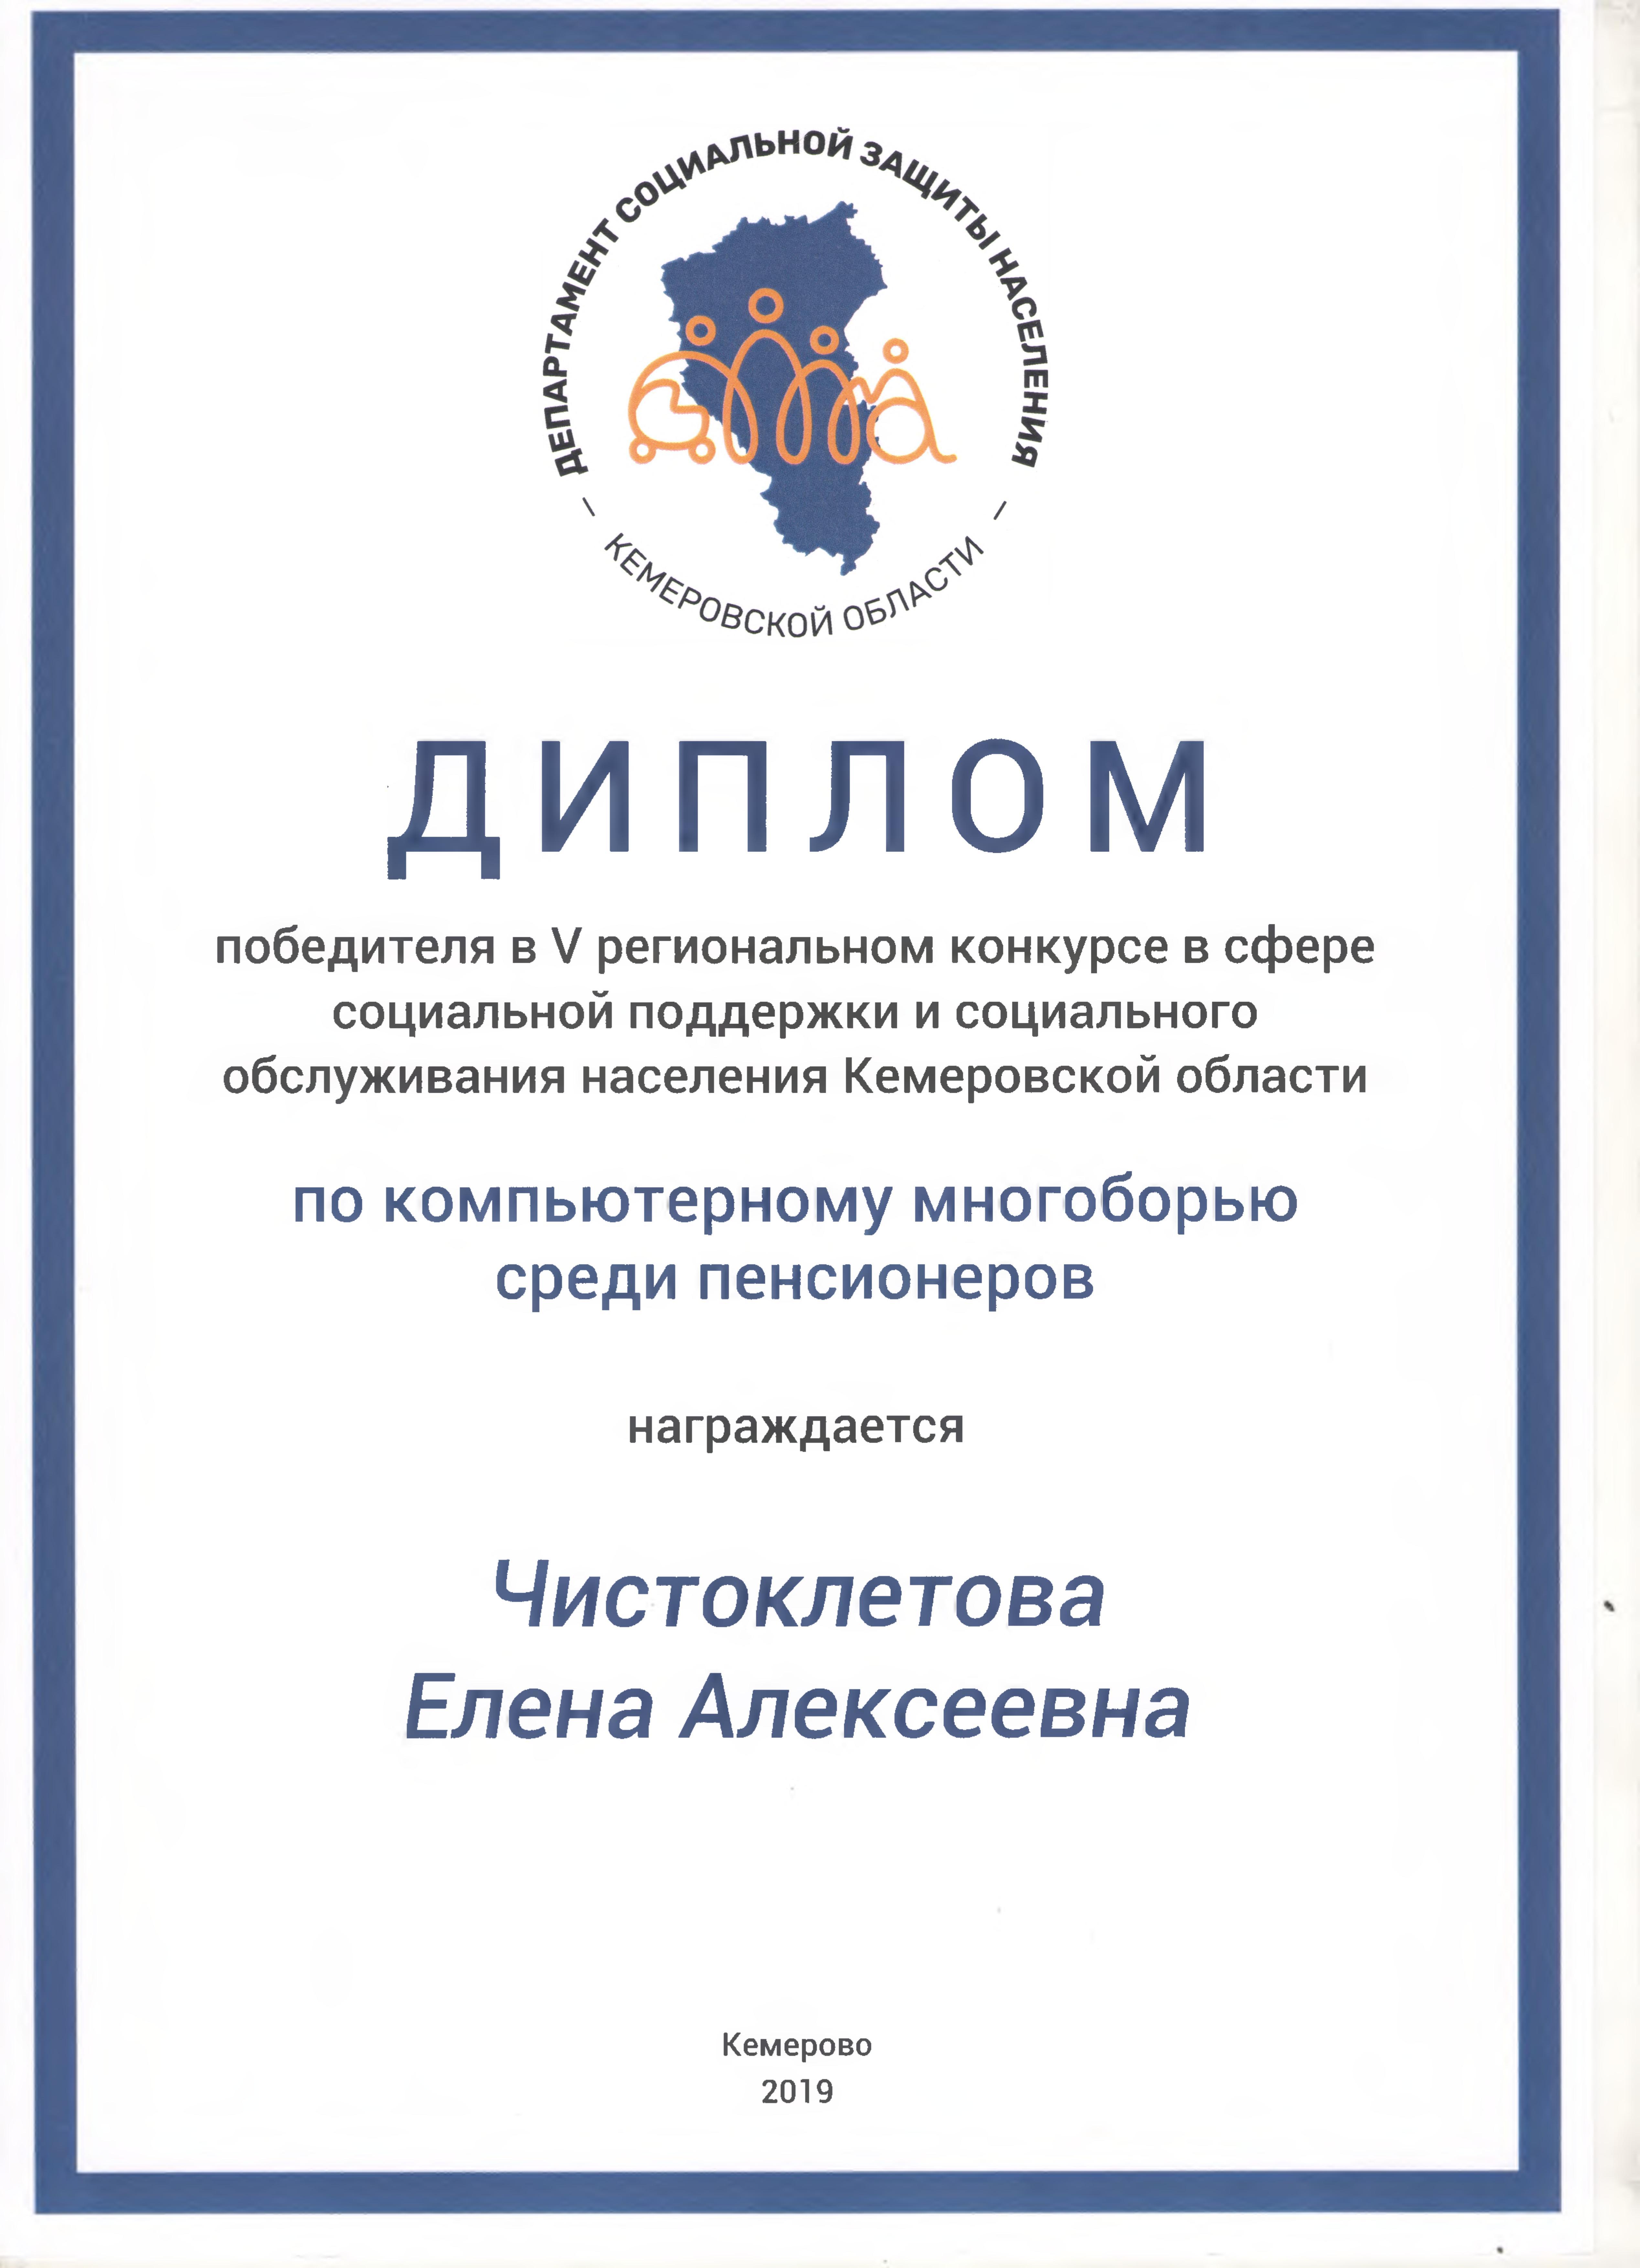 ДИПЛОМ Чистоклетовой Е.А.